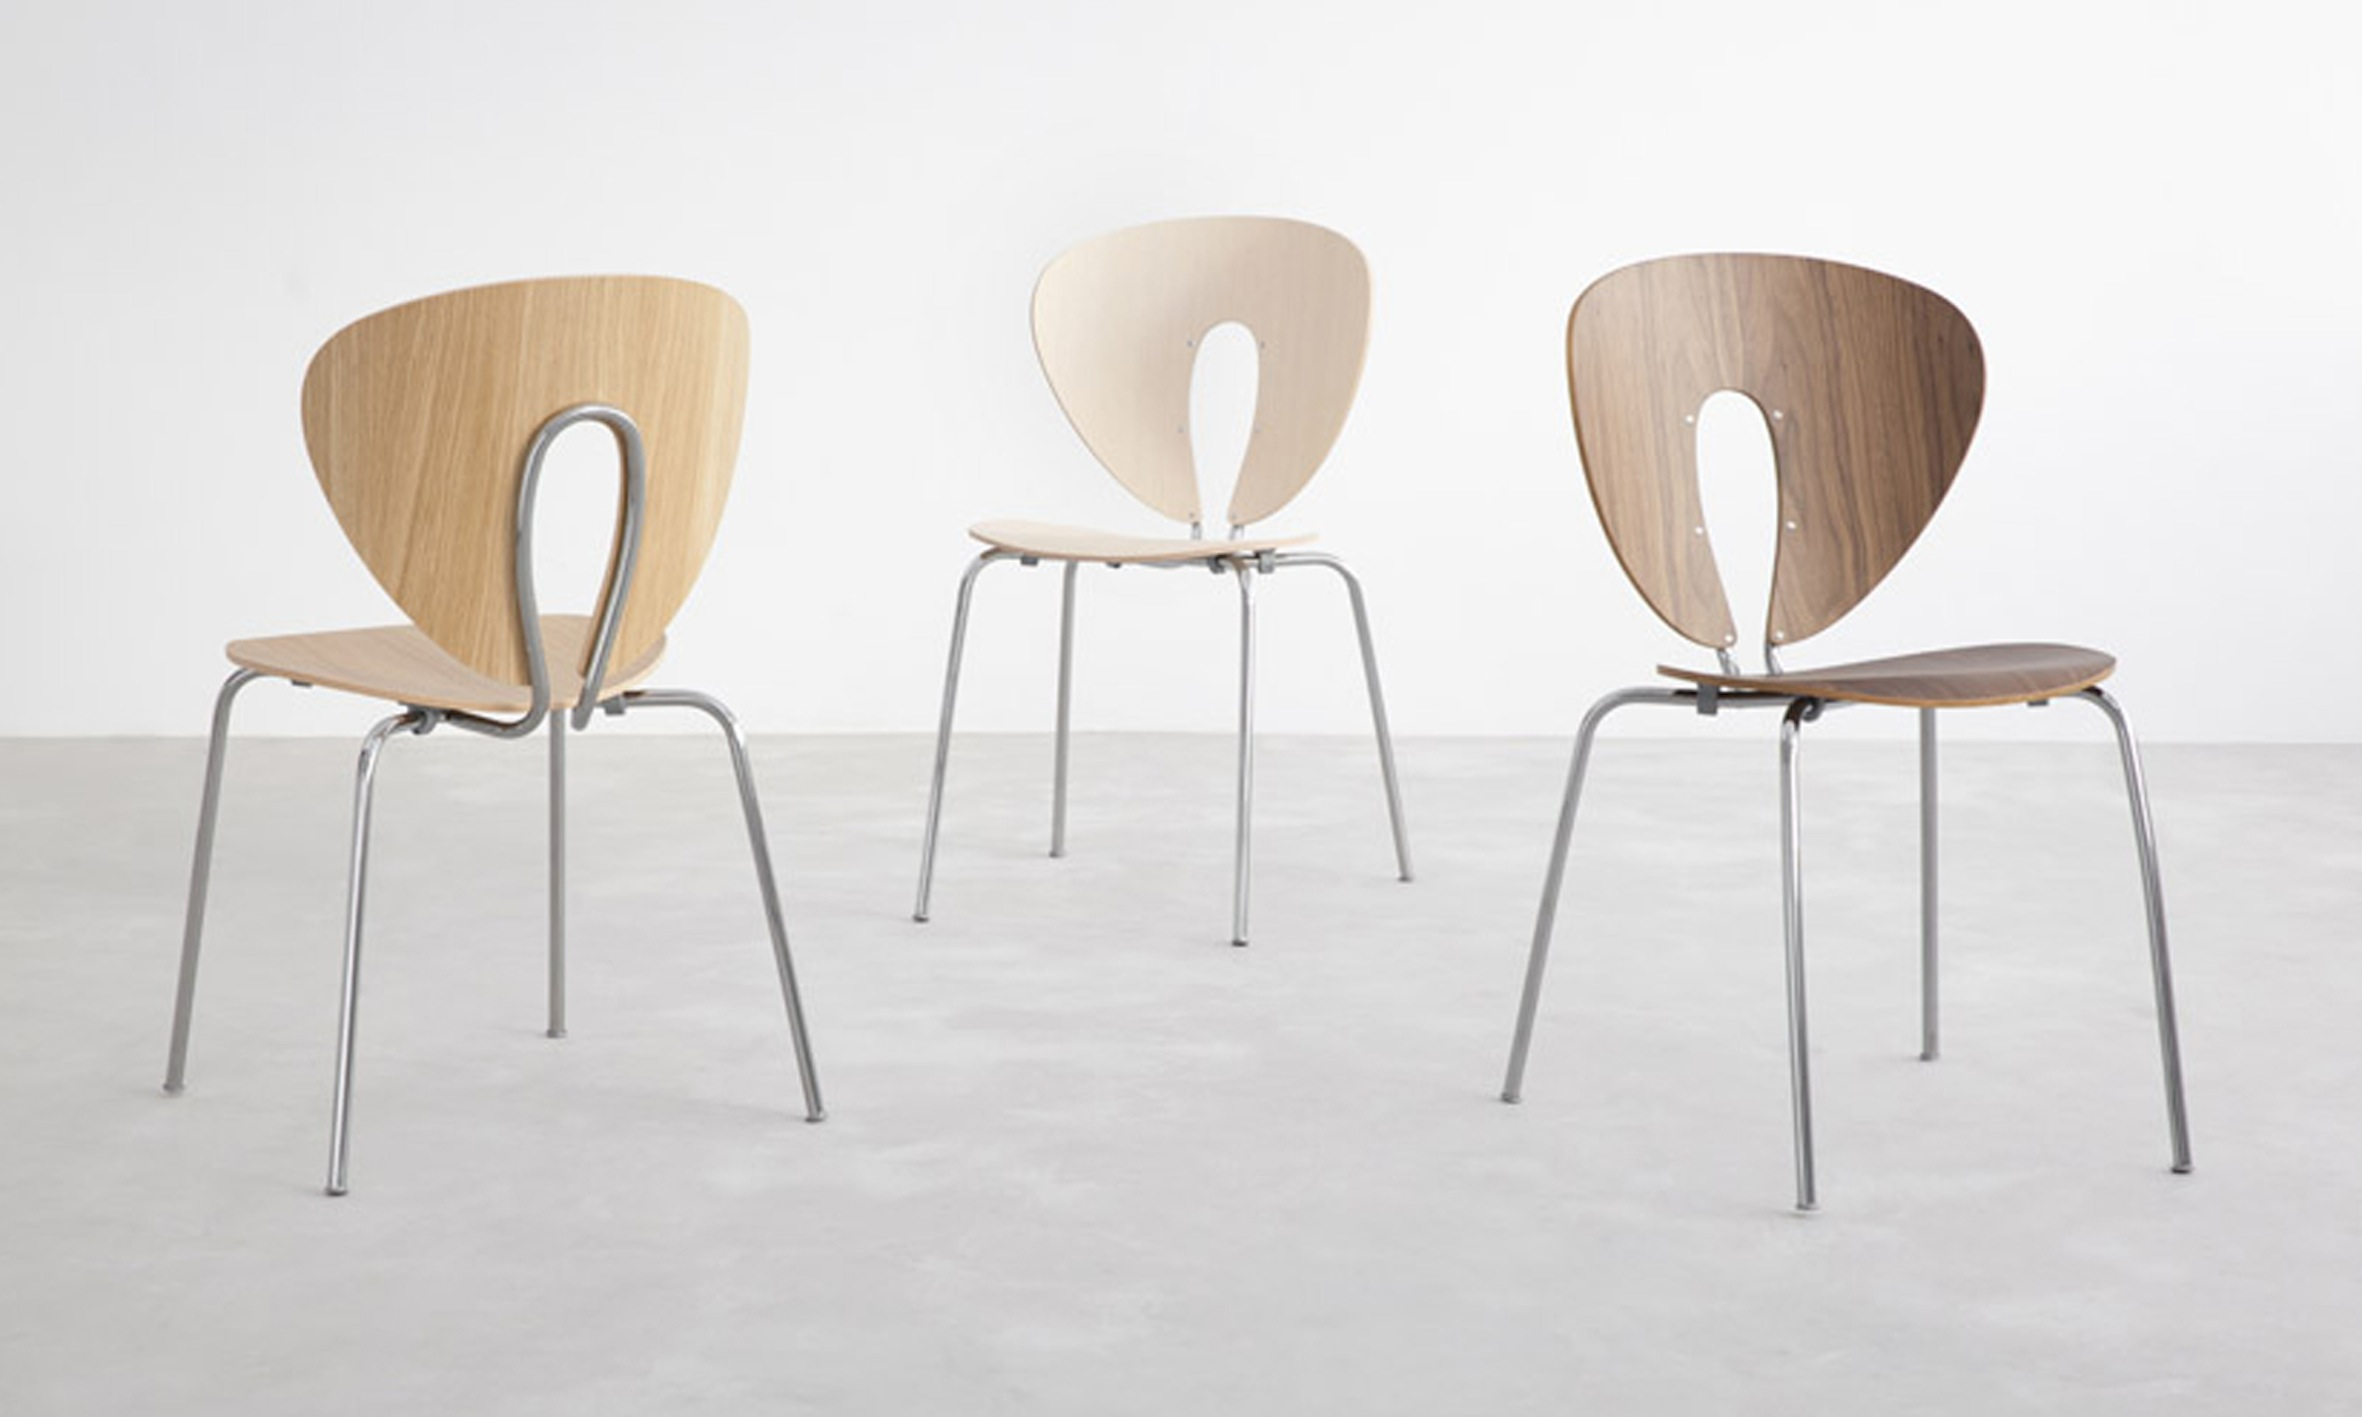 globus von stua raumpunkt freiburg m bel und design. Black Bedroom Furniture Sets. Home Design Ideas